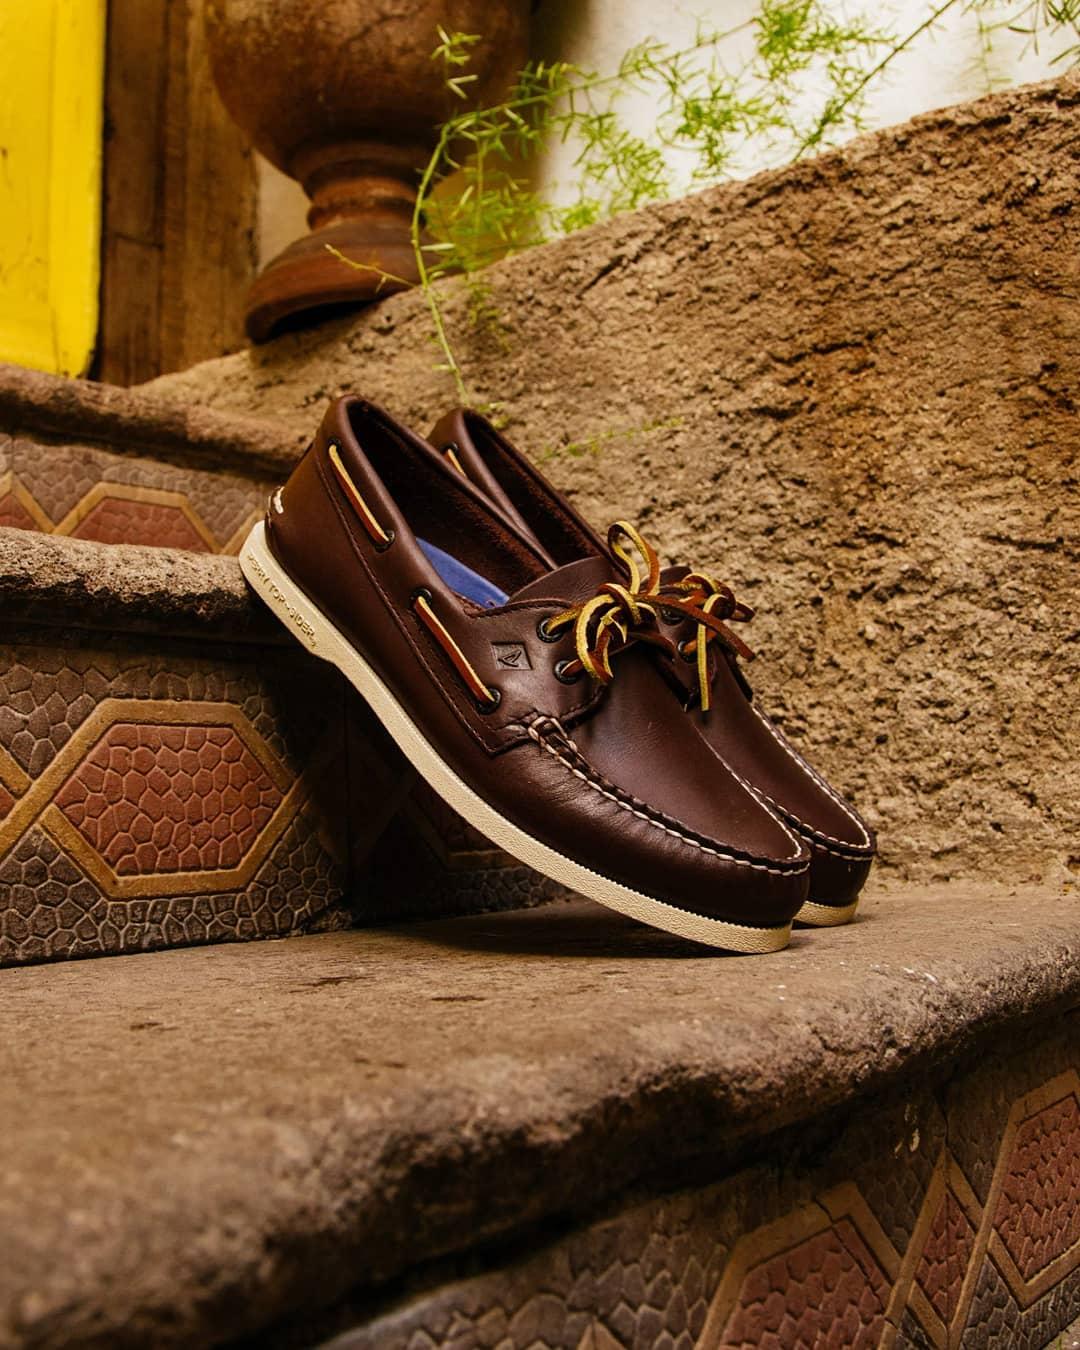 舒适,航海,足部,日常,选择 日常航海怎样选择船鞋?  094132hvdpwzds